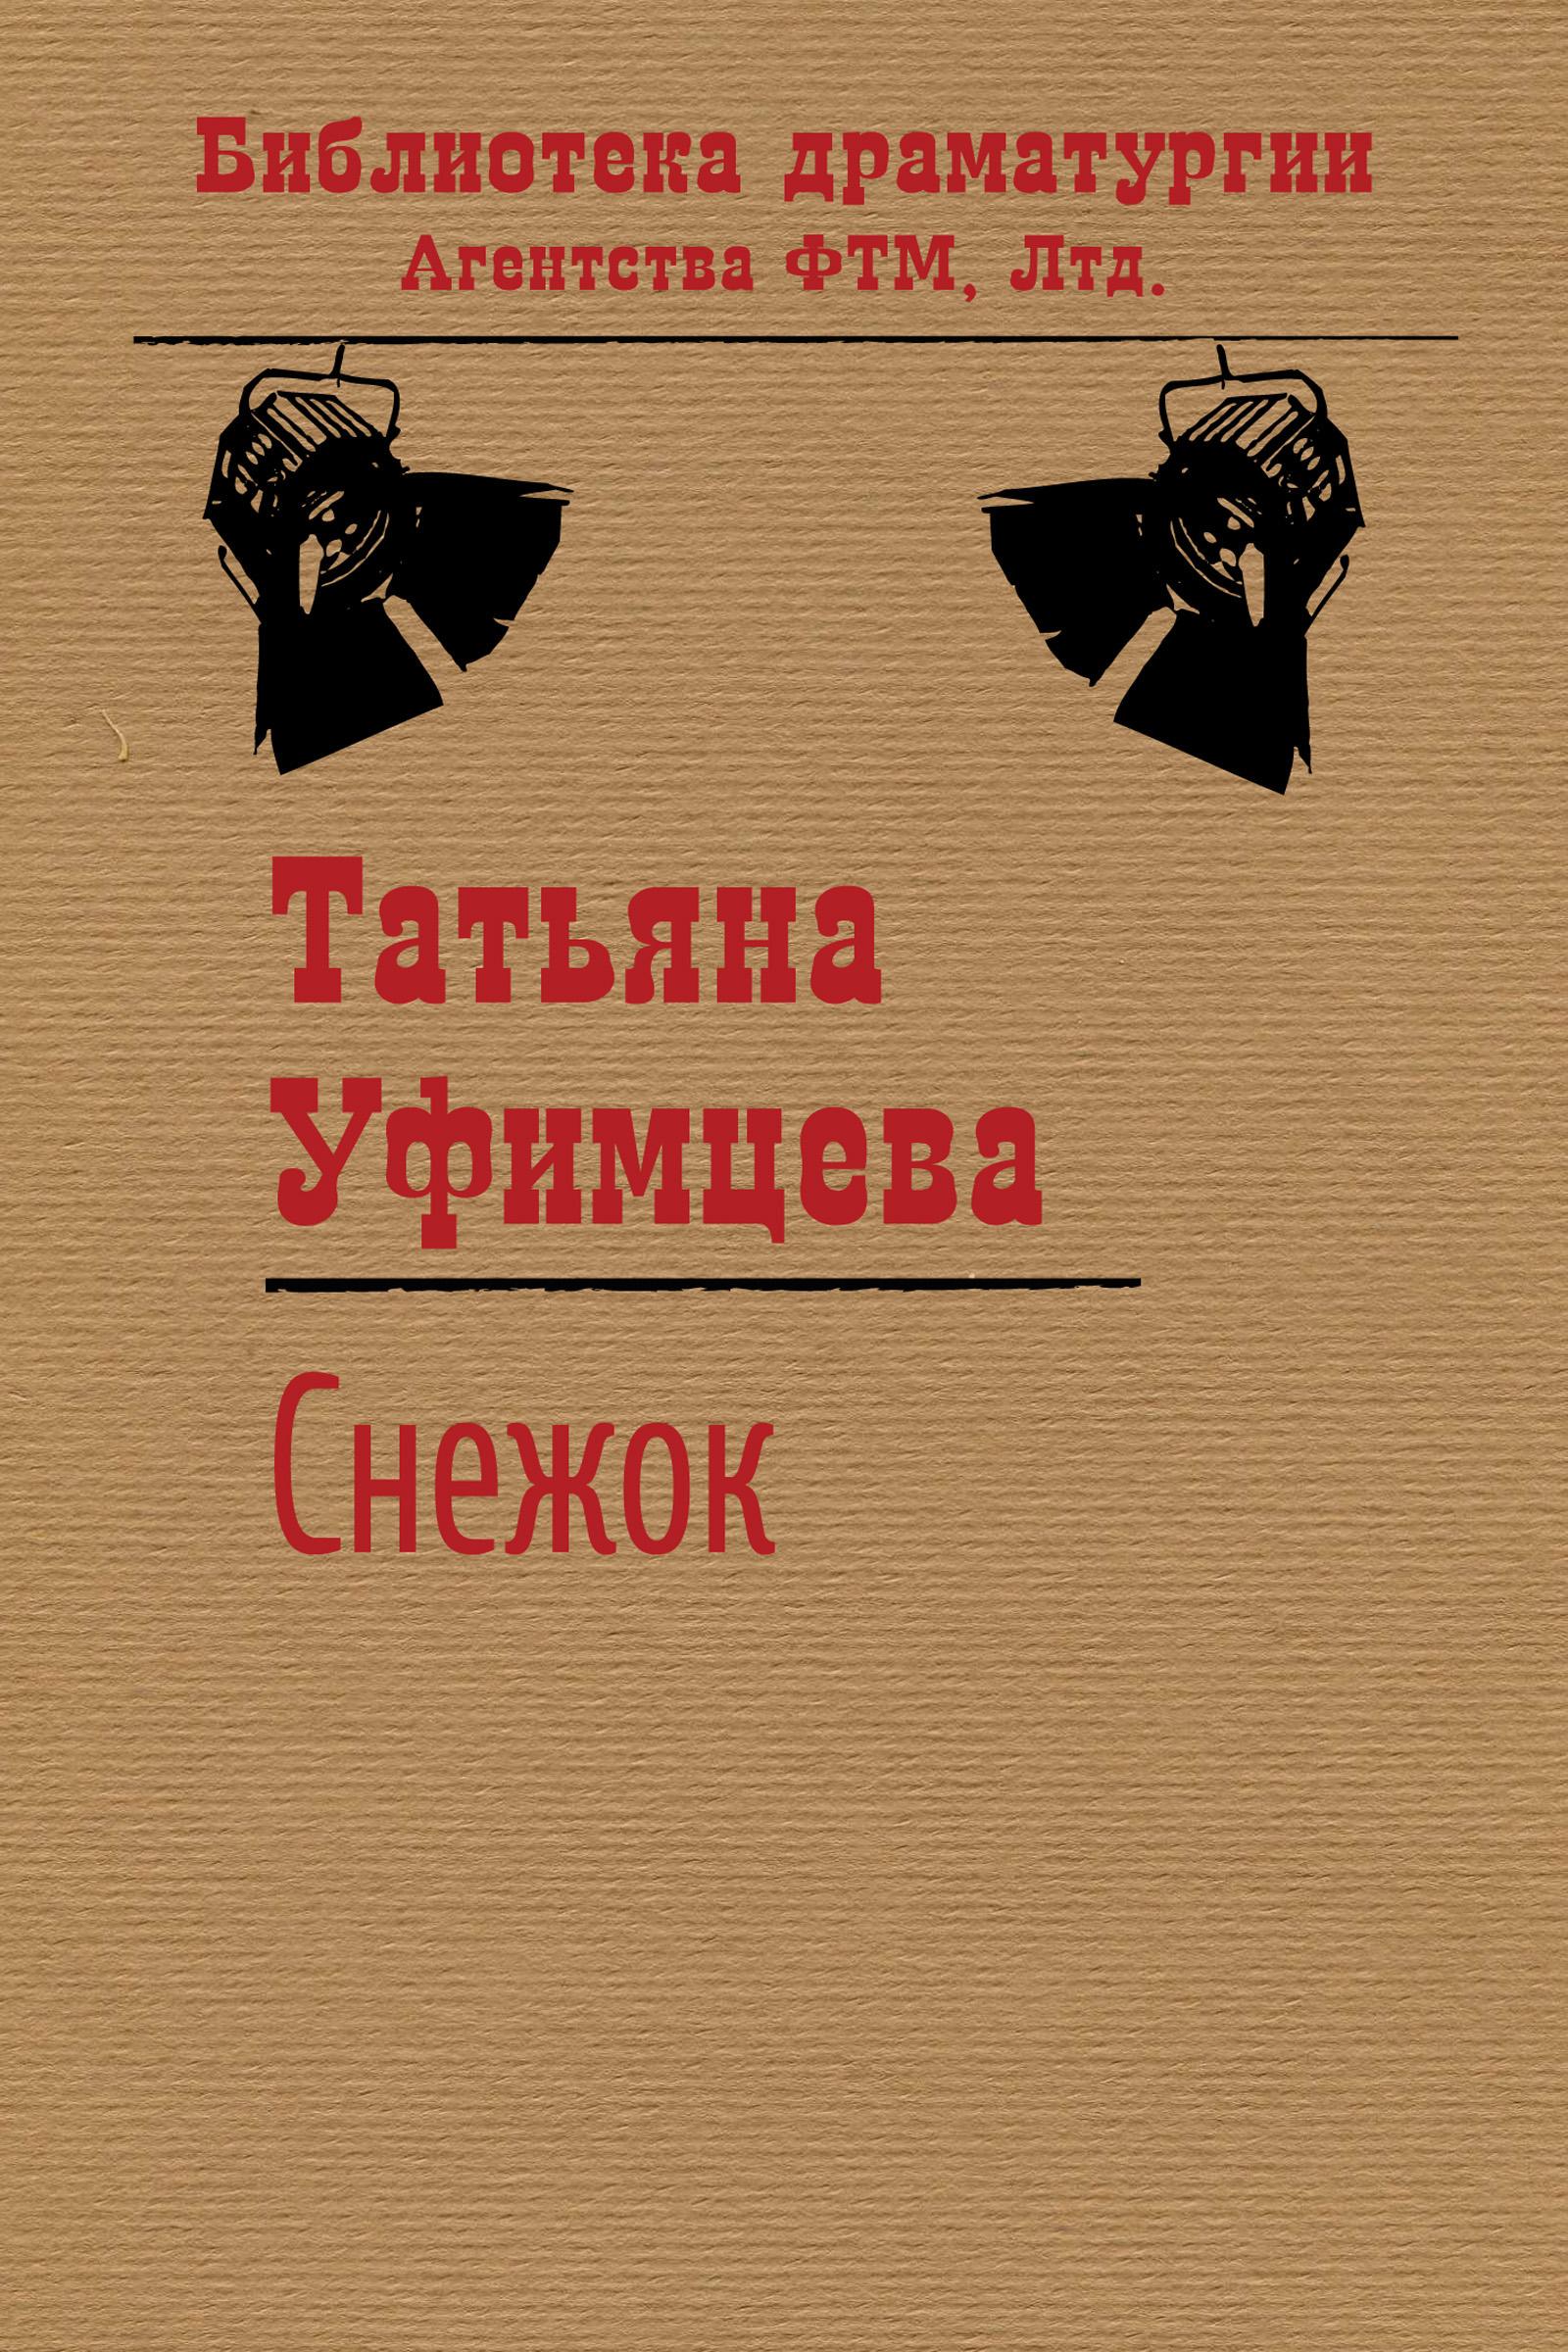 Снежок ( Татьяна Уфимцева  )